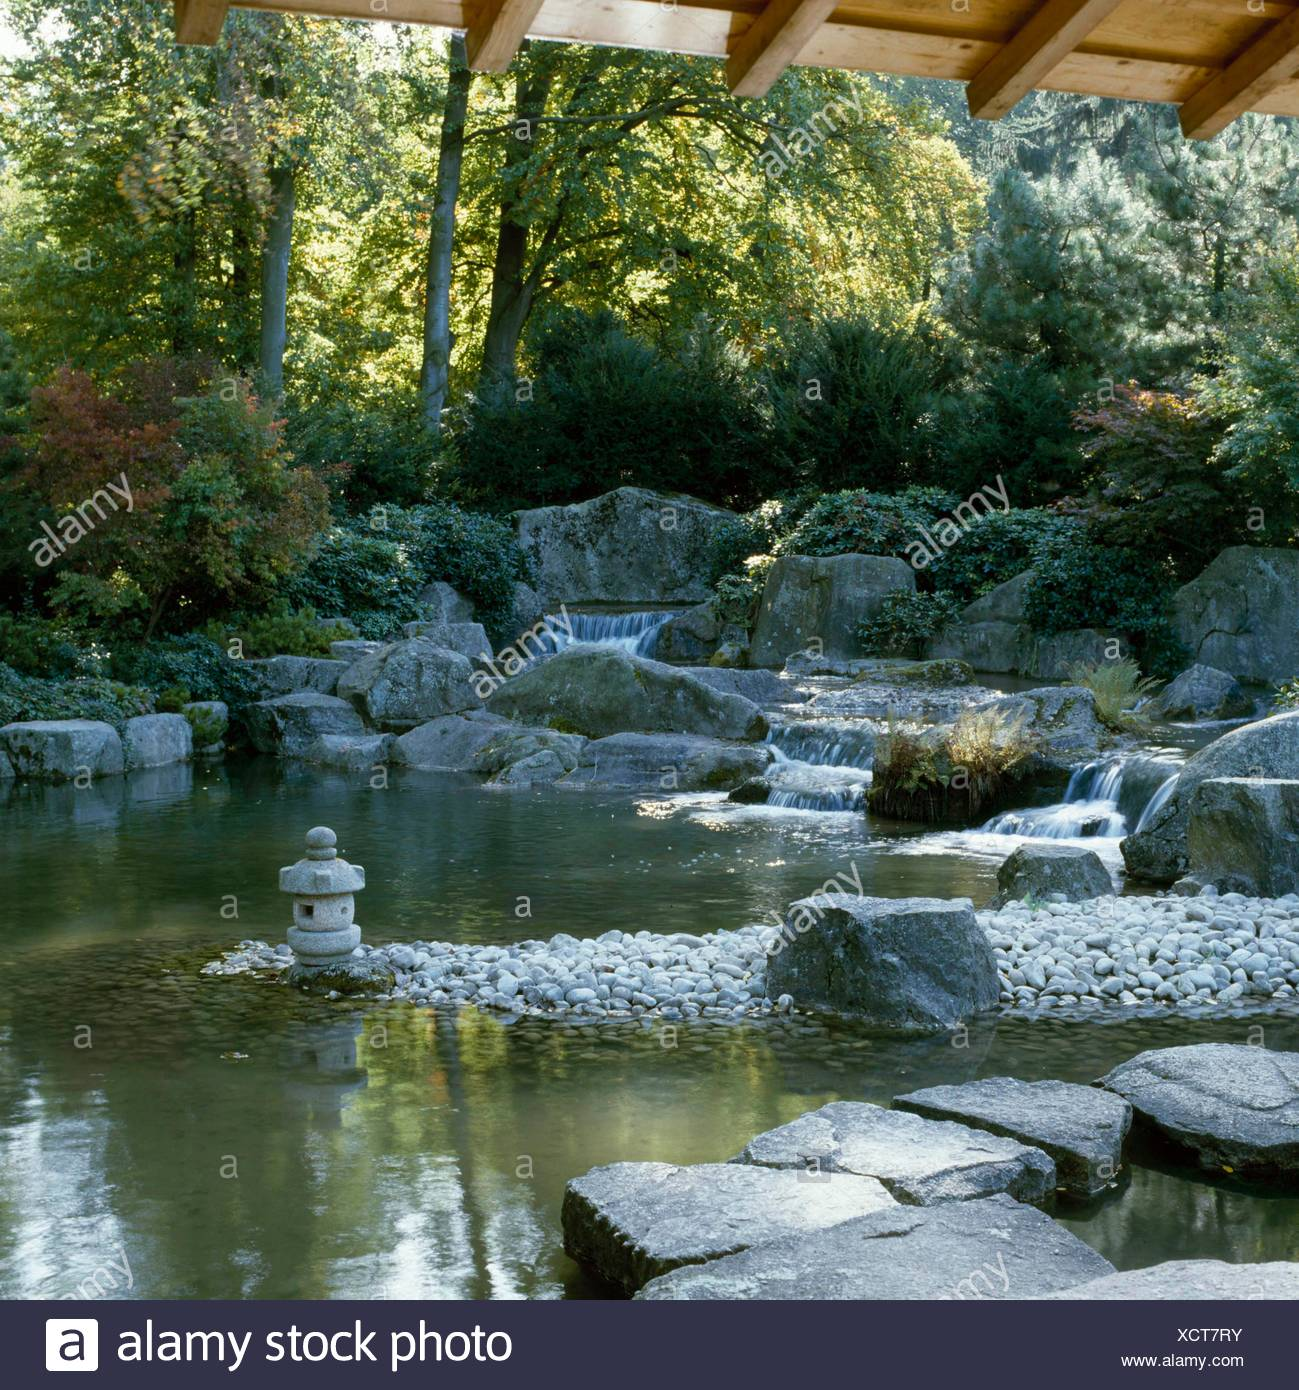 Japanischer Garten Bei Augsburg Bg Jag047650 Stockfoto Bild